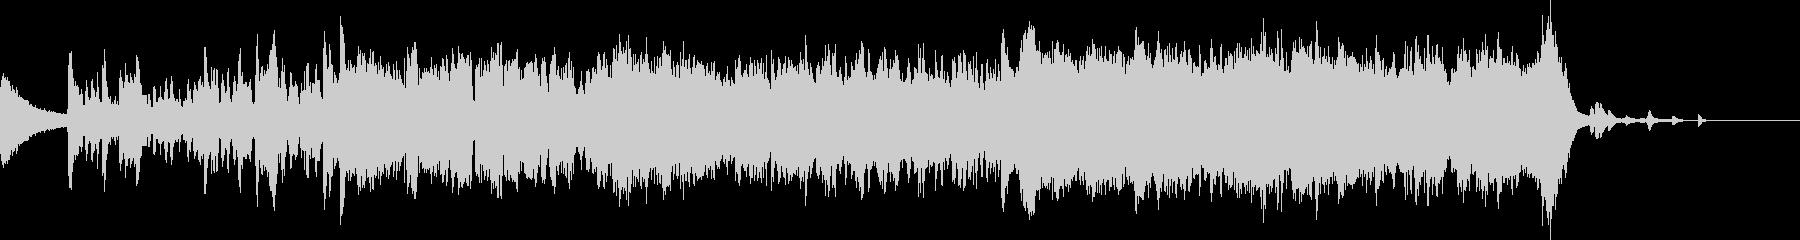 アジア 壮大なフルオーケストラ 二胡の未再生の波形